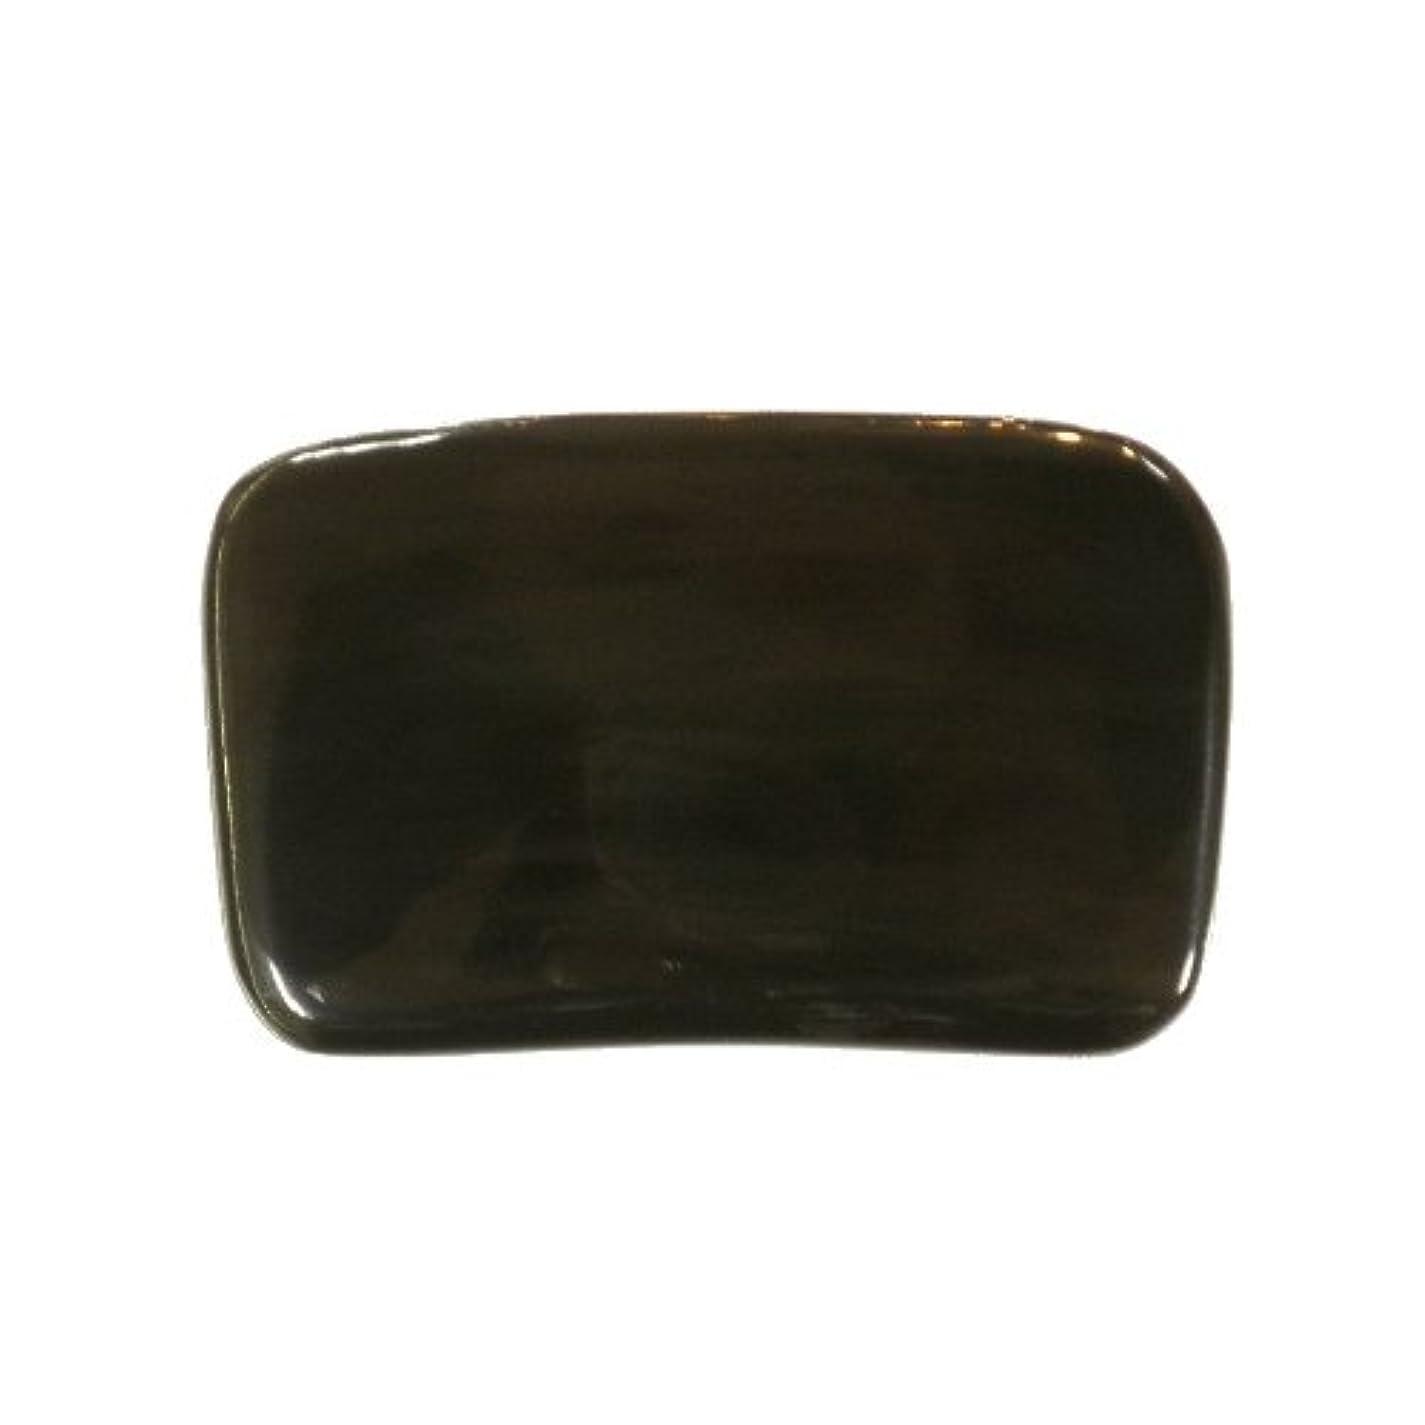 凍ったボルトとにかくかっさ プレート 厚さが選べる ヤクの角(水牛の角) EHE267SP 長方形小 特級品 特厚(8ミリ程度[100円加算])